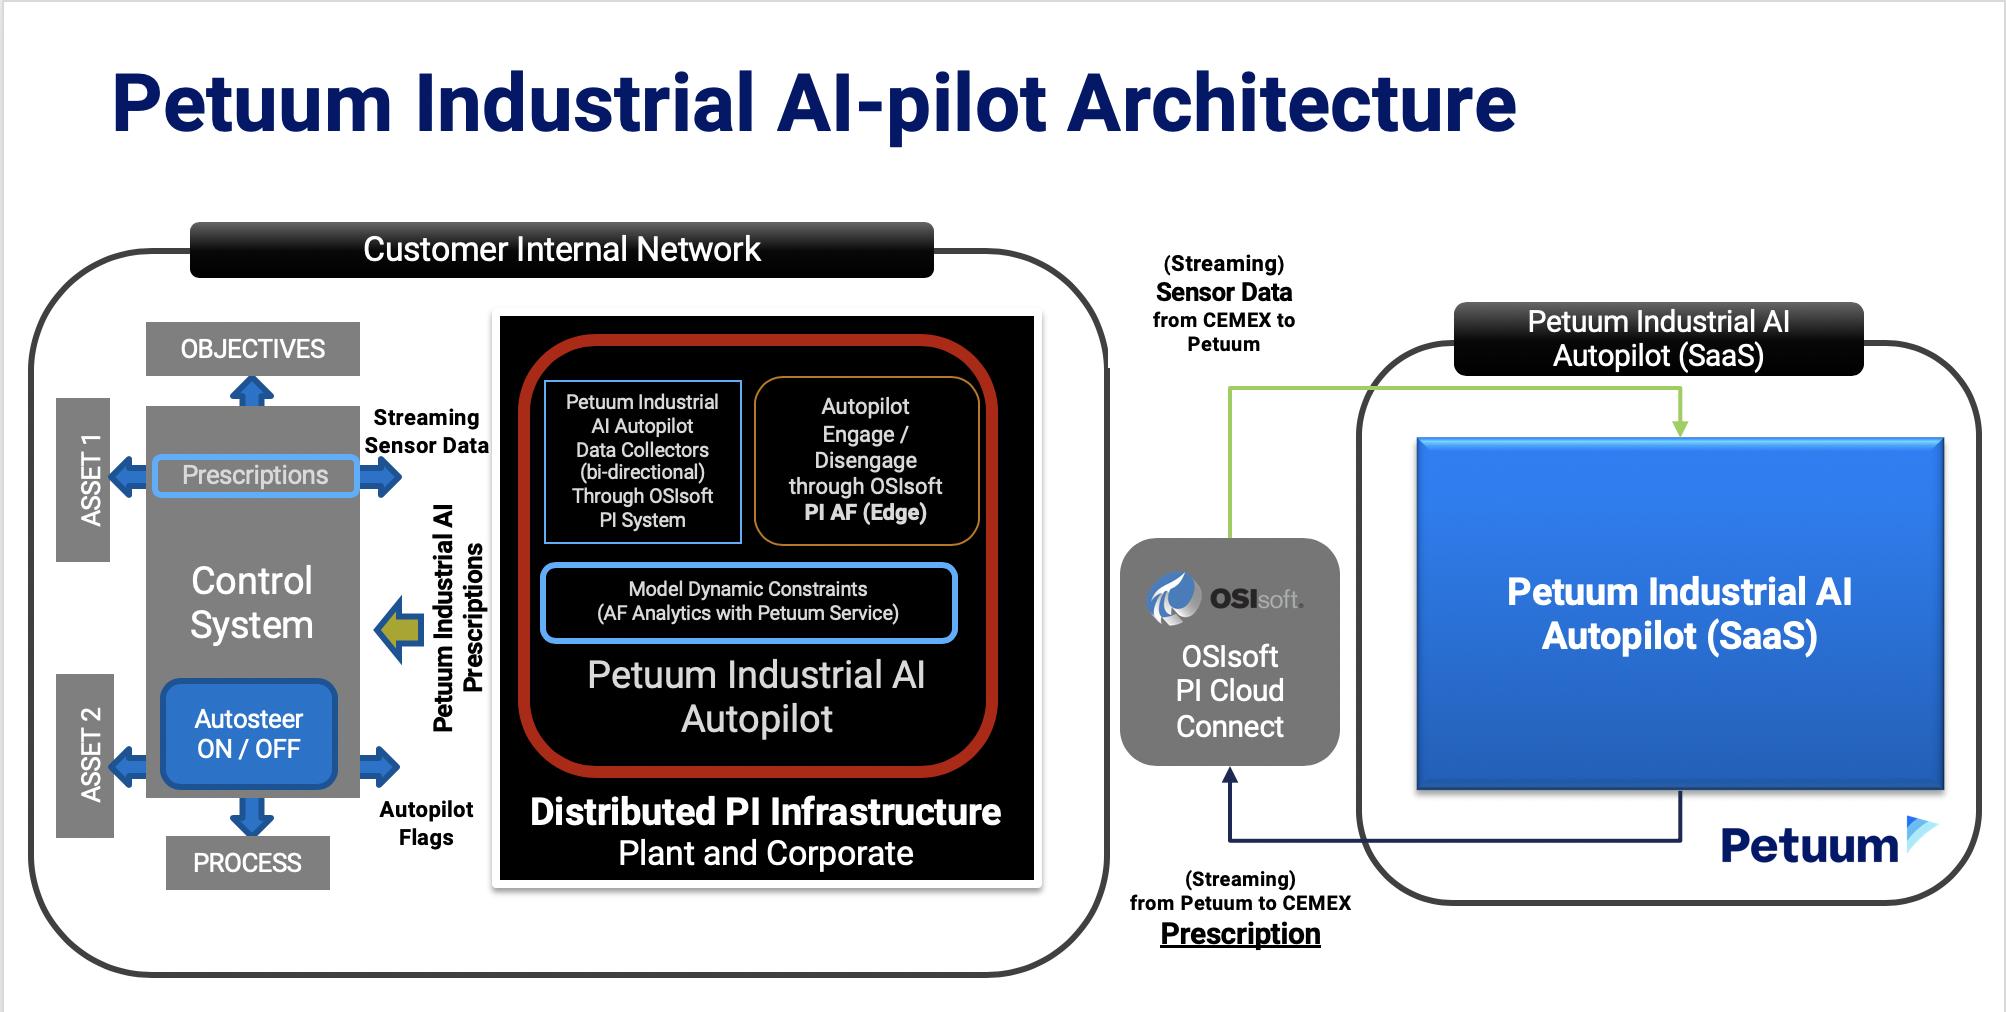 Petuum Industrial AI-pilot Architecture